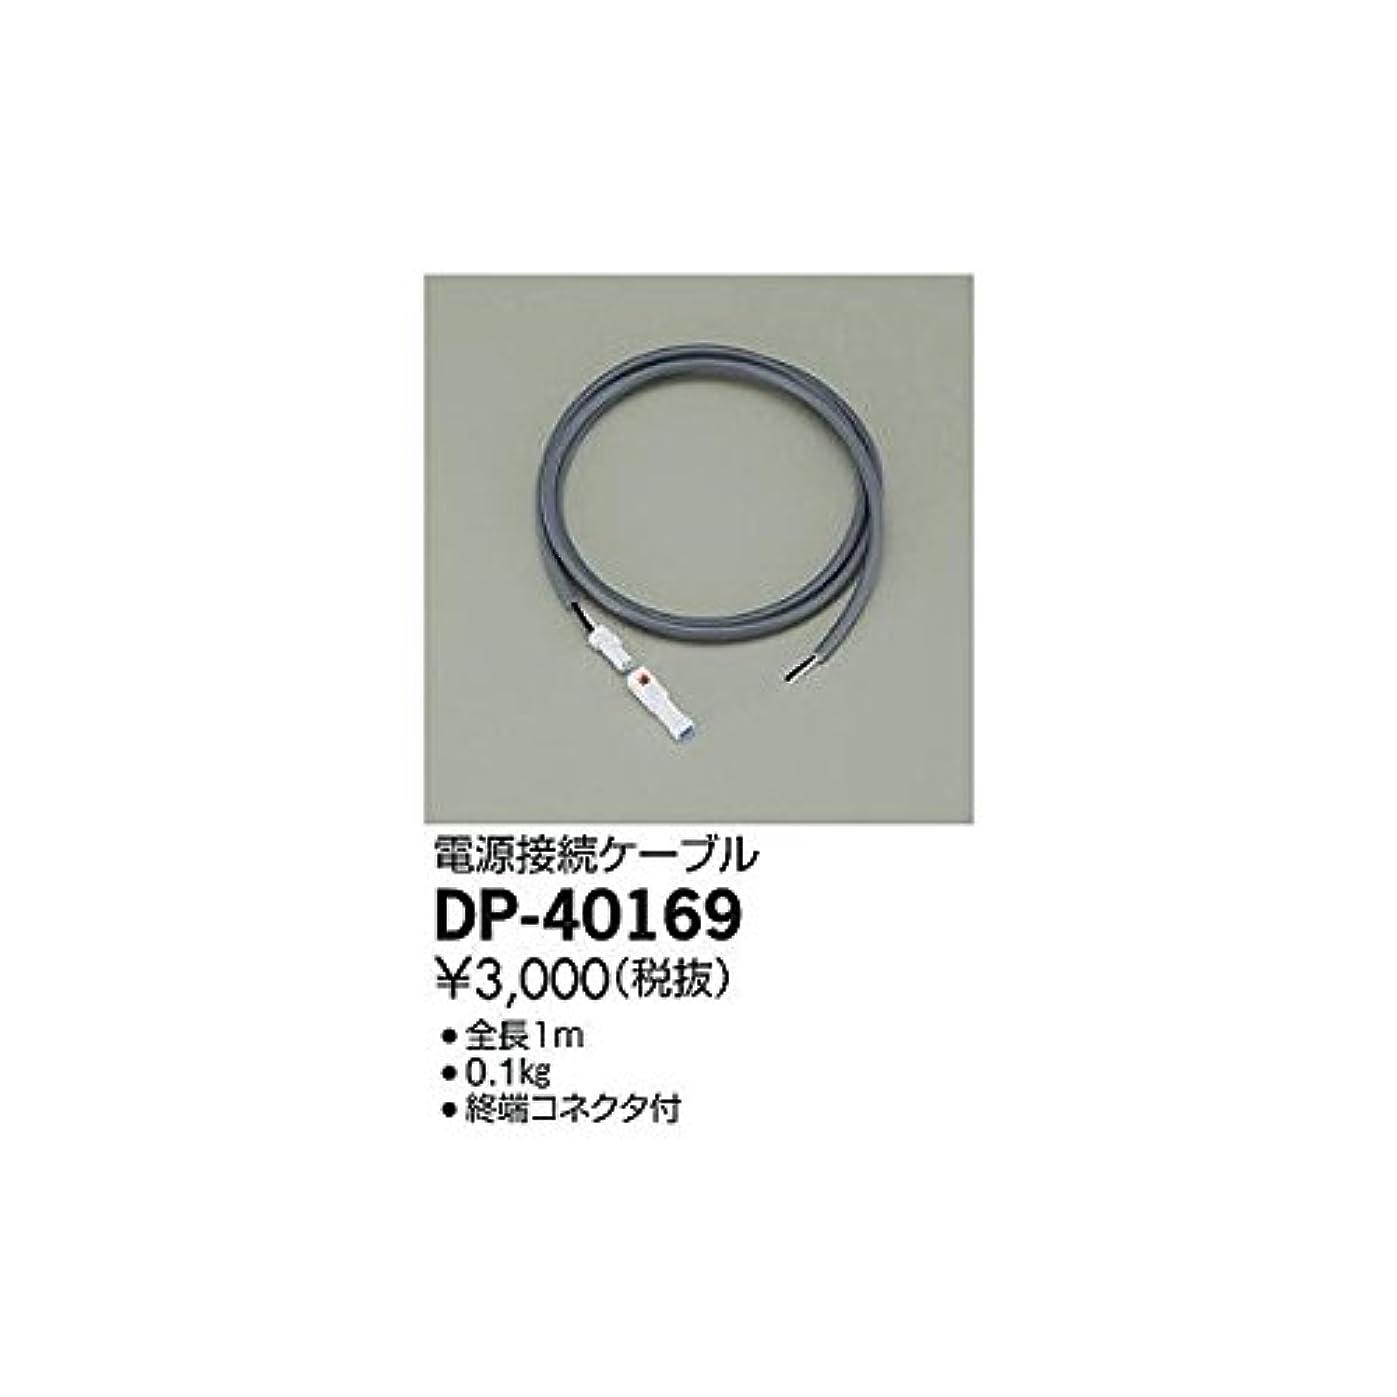 ストリップパンサー切断する大光電機/DAIKO/電源接続ケーブル/DP-40169